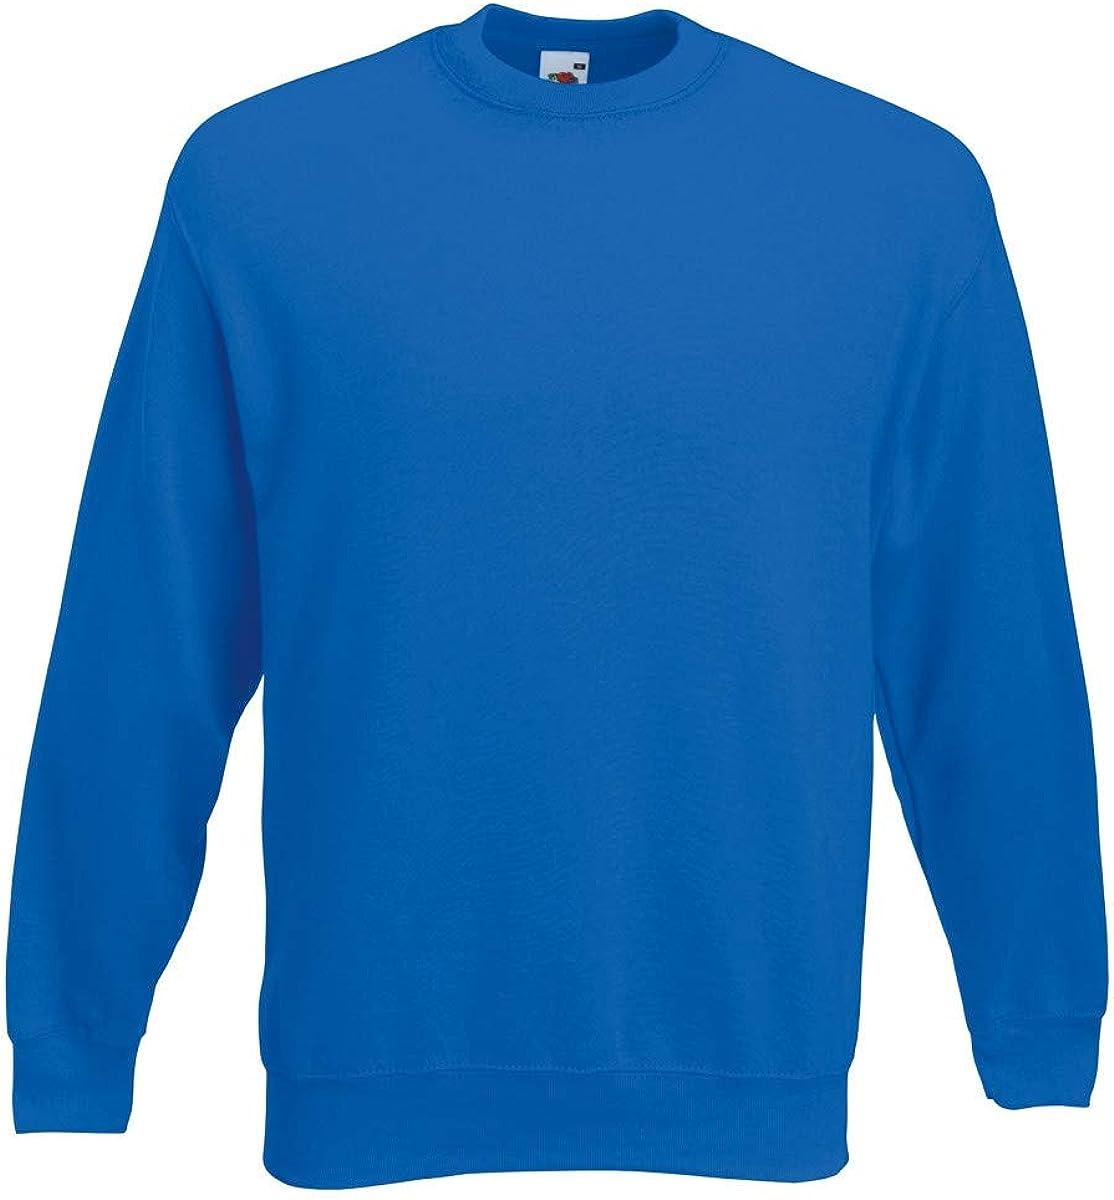 Fruit of the Loom Mens 62-202-0 Long Sleeve Sweatshirt